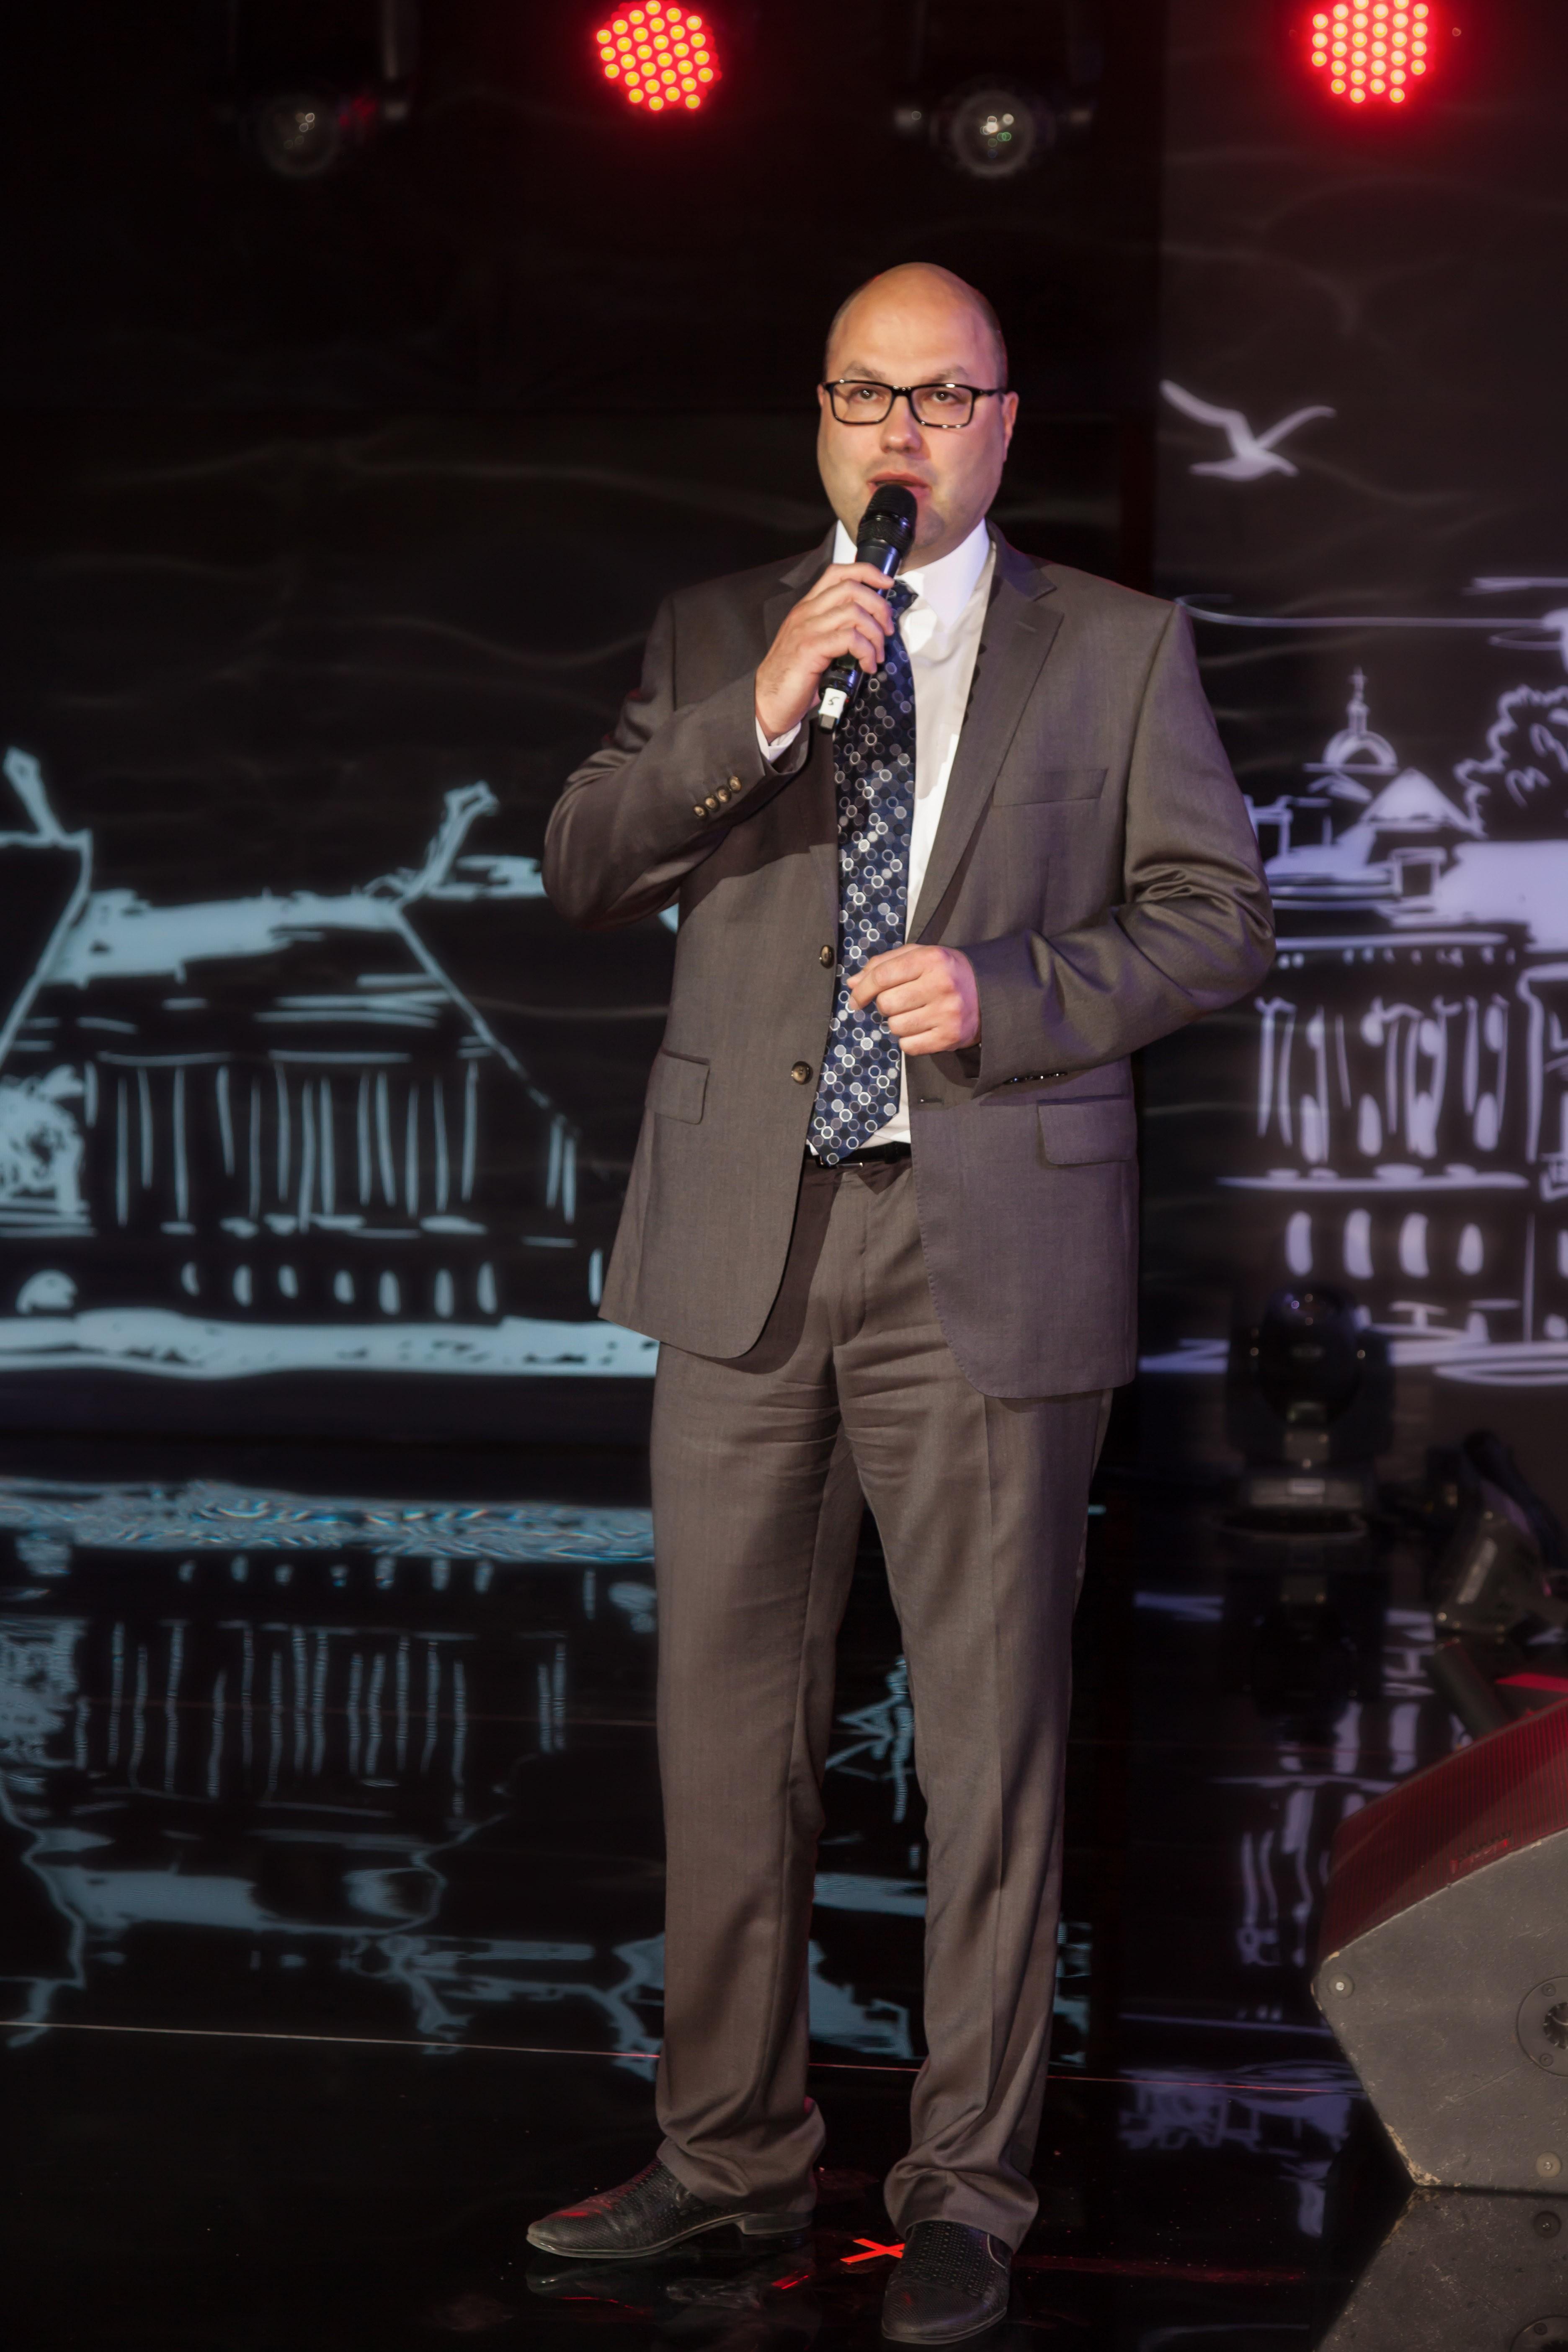 Дмитрий Михайлов, Вице-президент и Генеральный директор завода Nissan  (1)